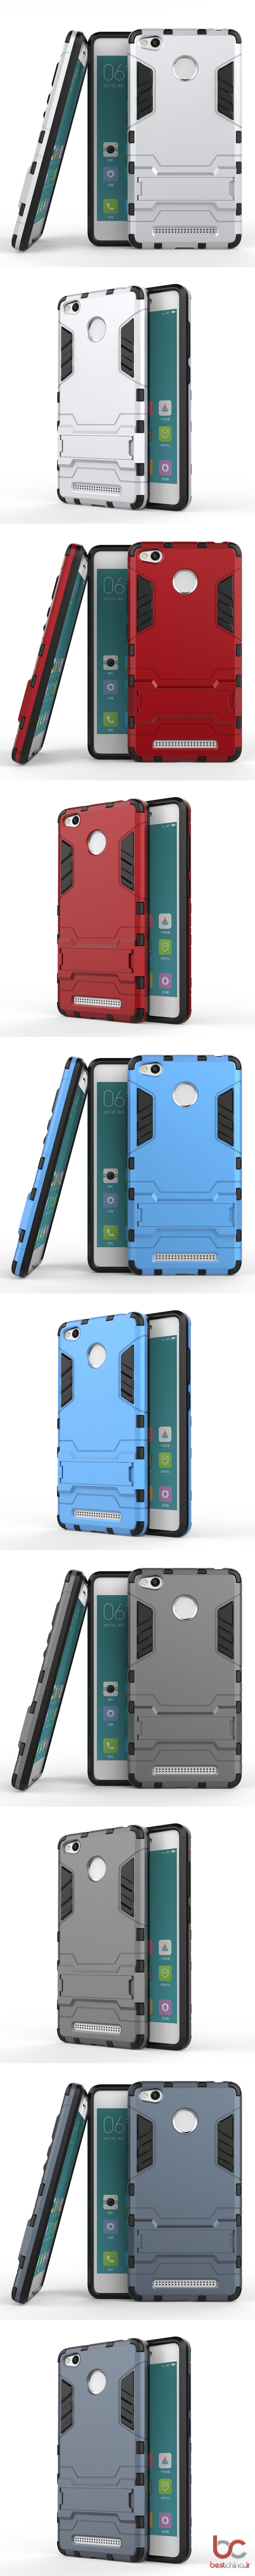 Xiaomi Redmi 3 Pro TPU Back Cover (1)